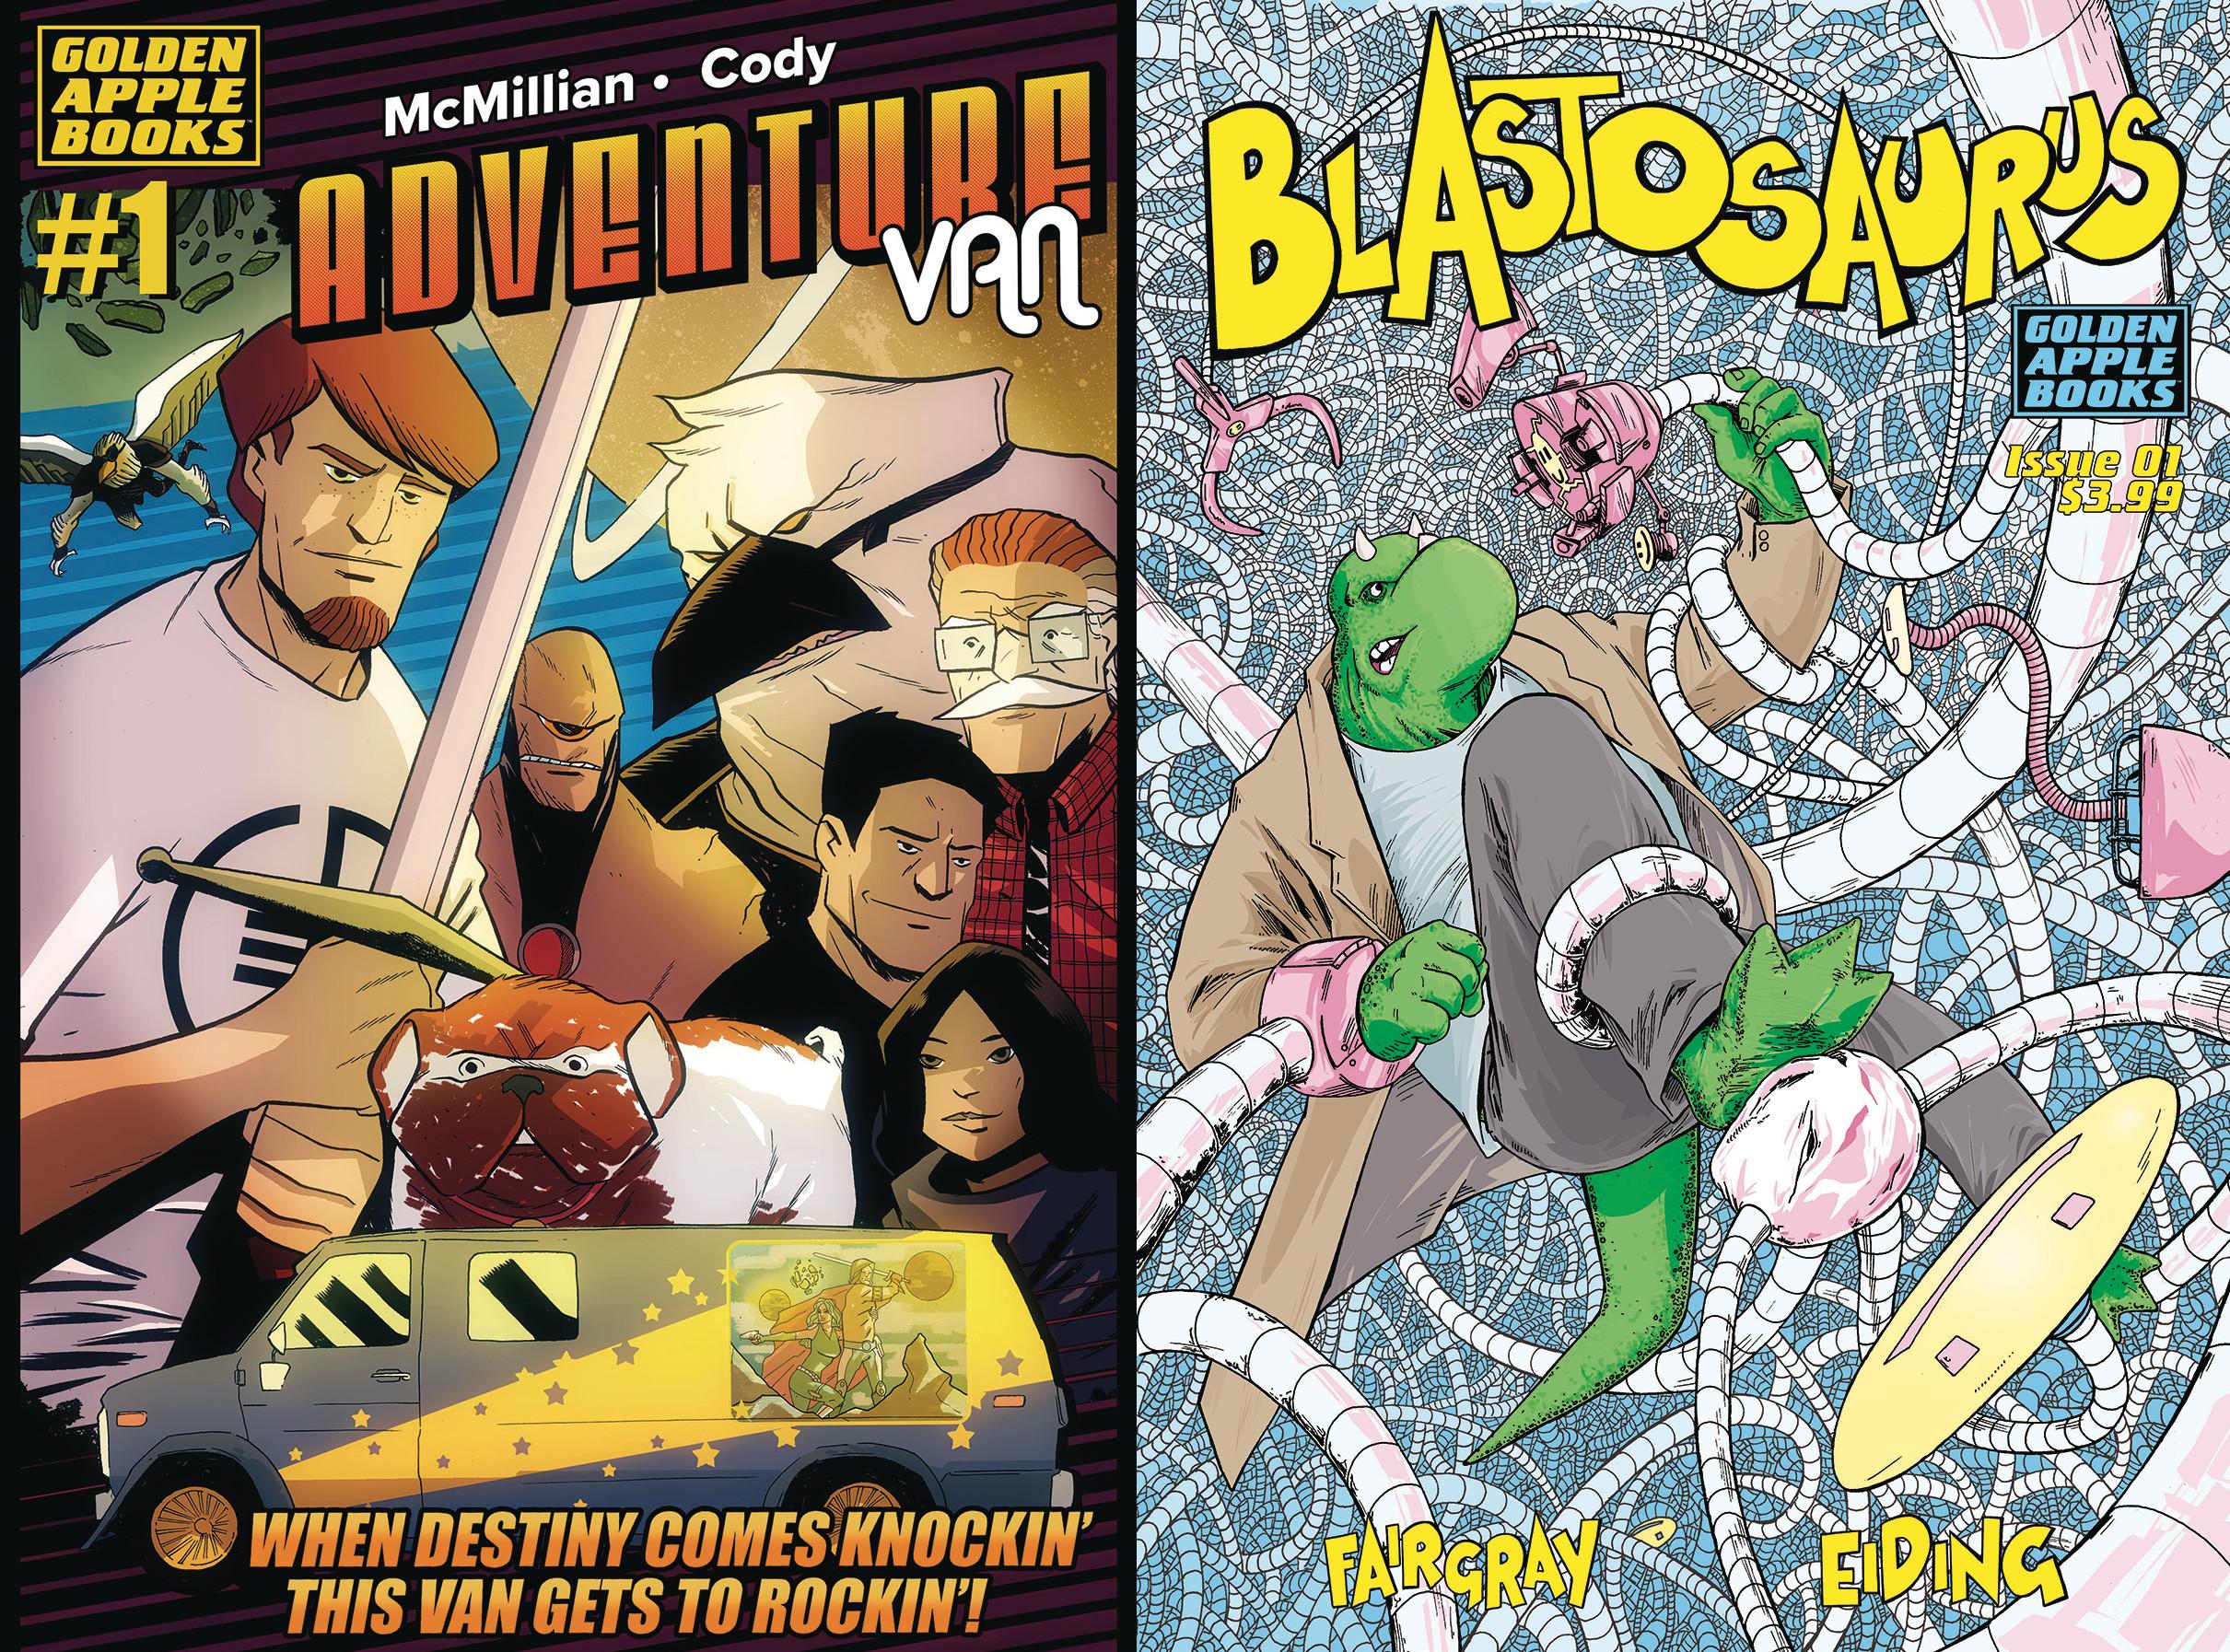 SDCC '18: Golden Apple Comics Announces Free Con-Exclusive Variants